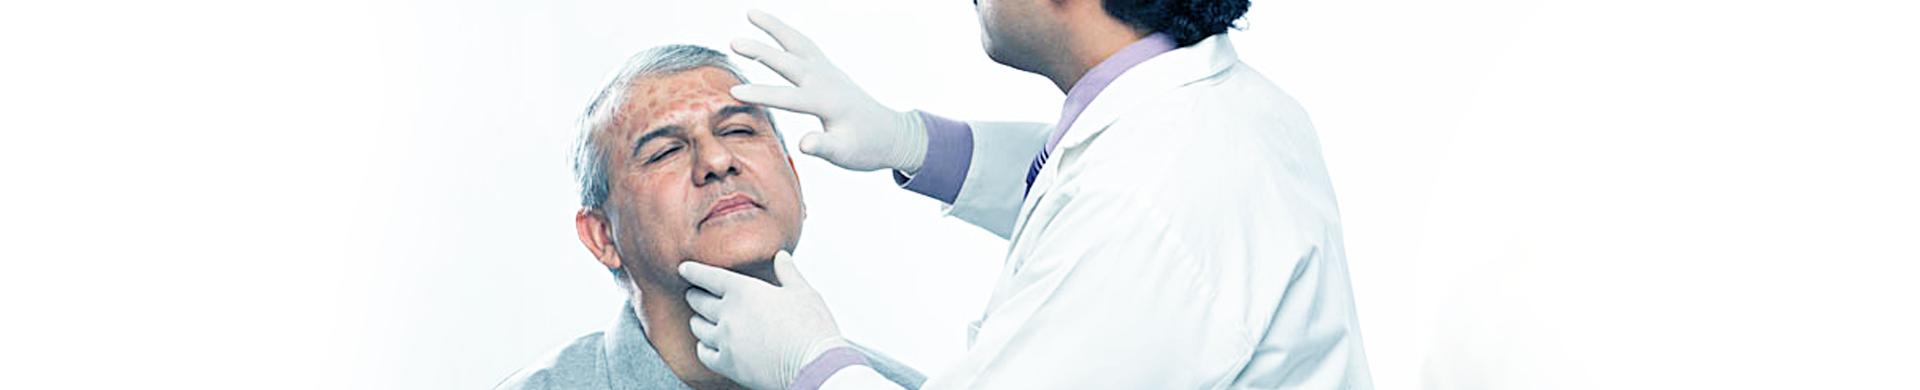 Dermatologist m